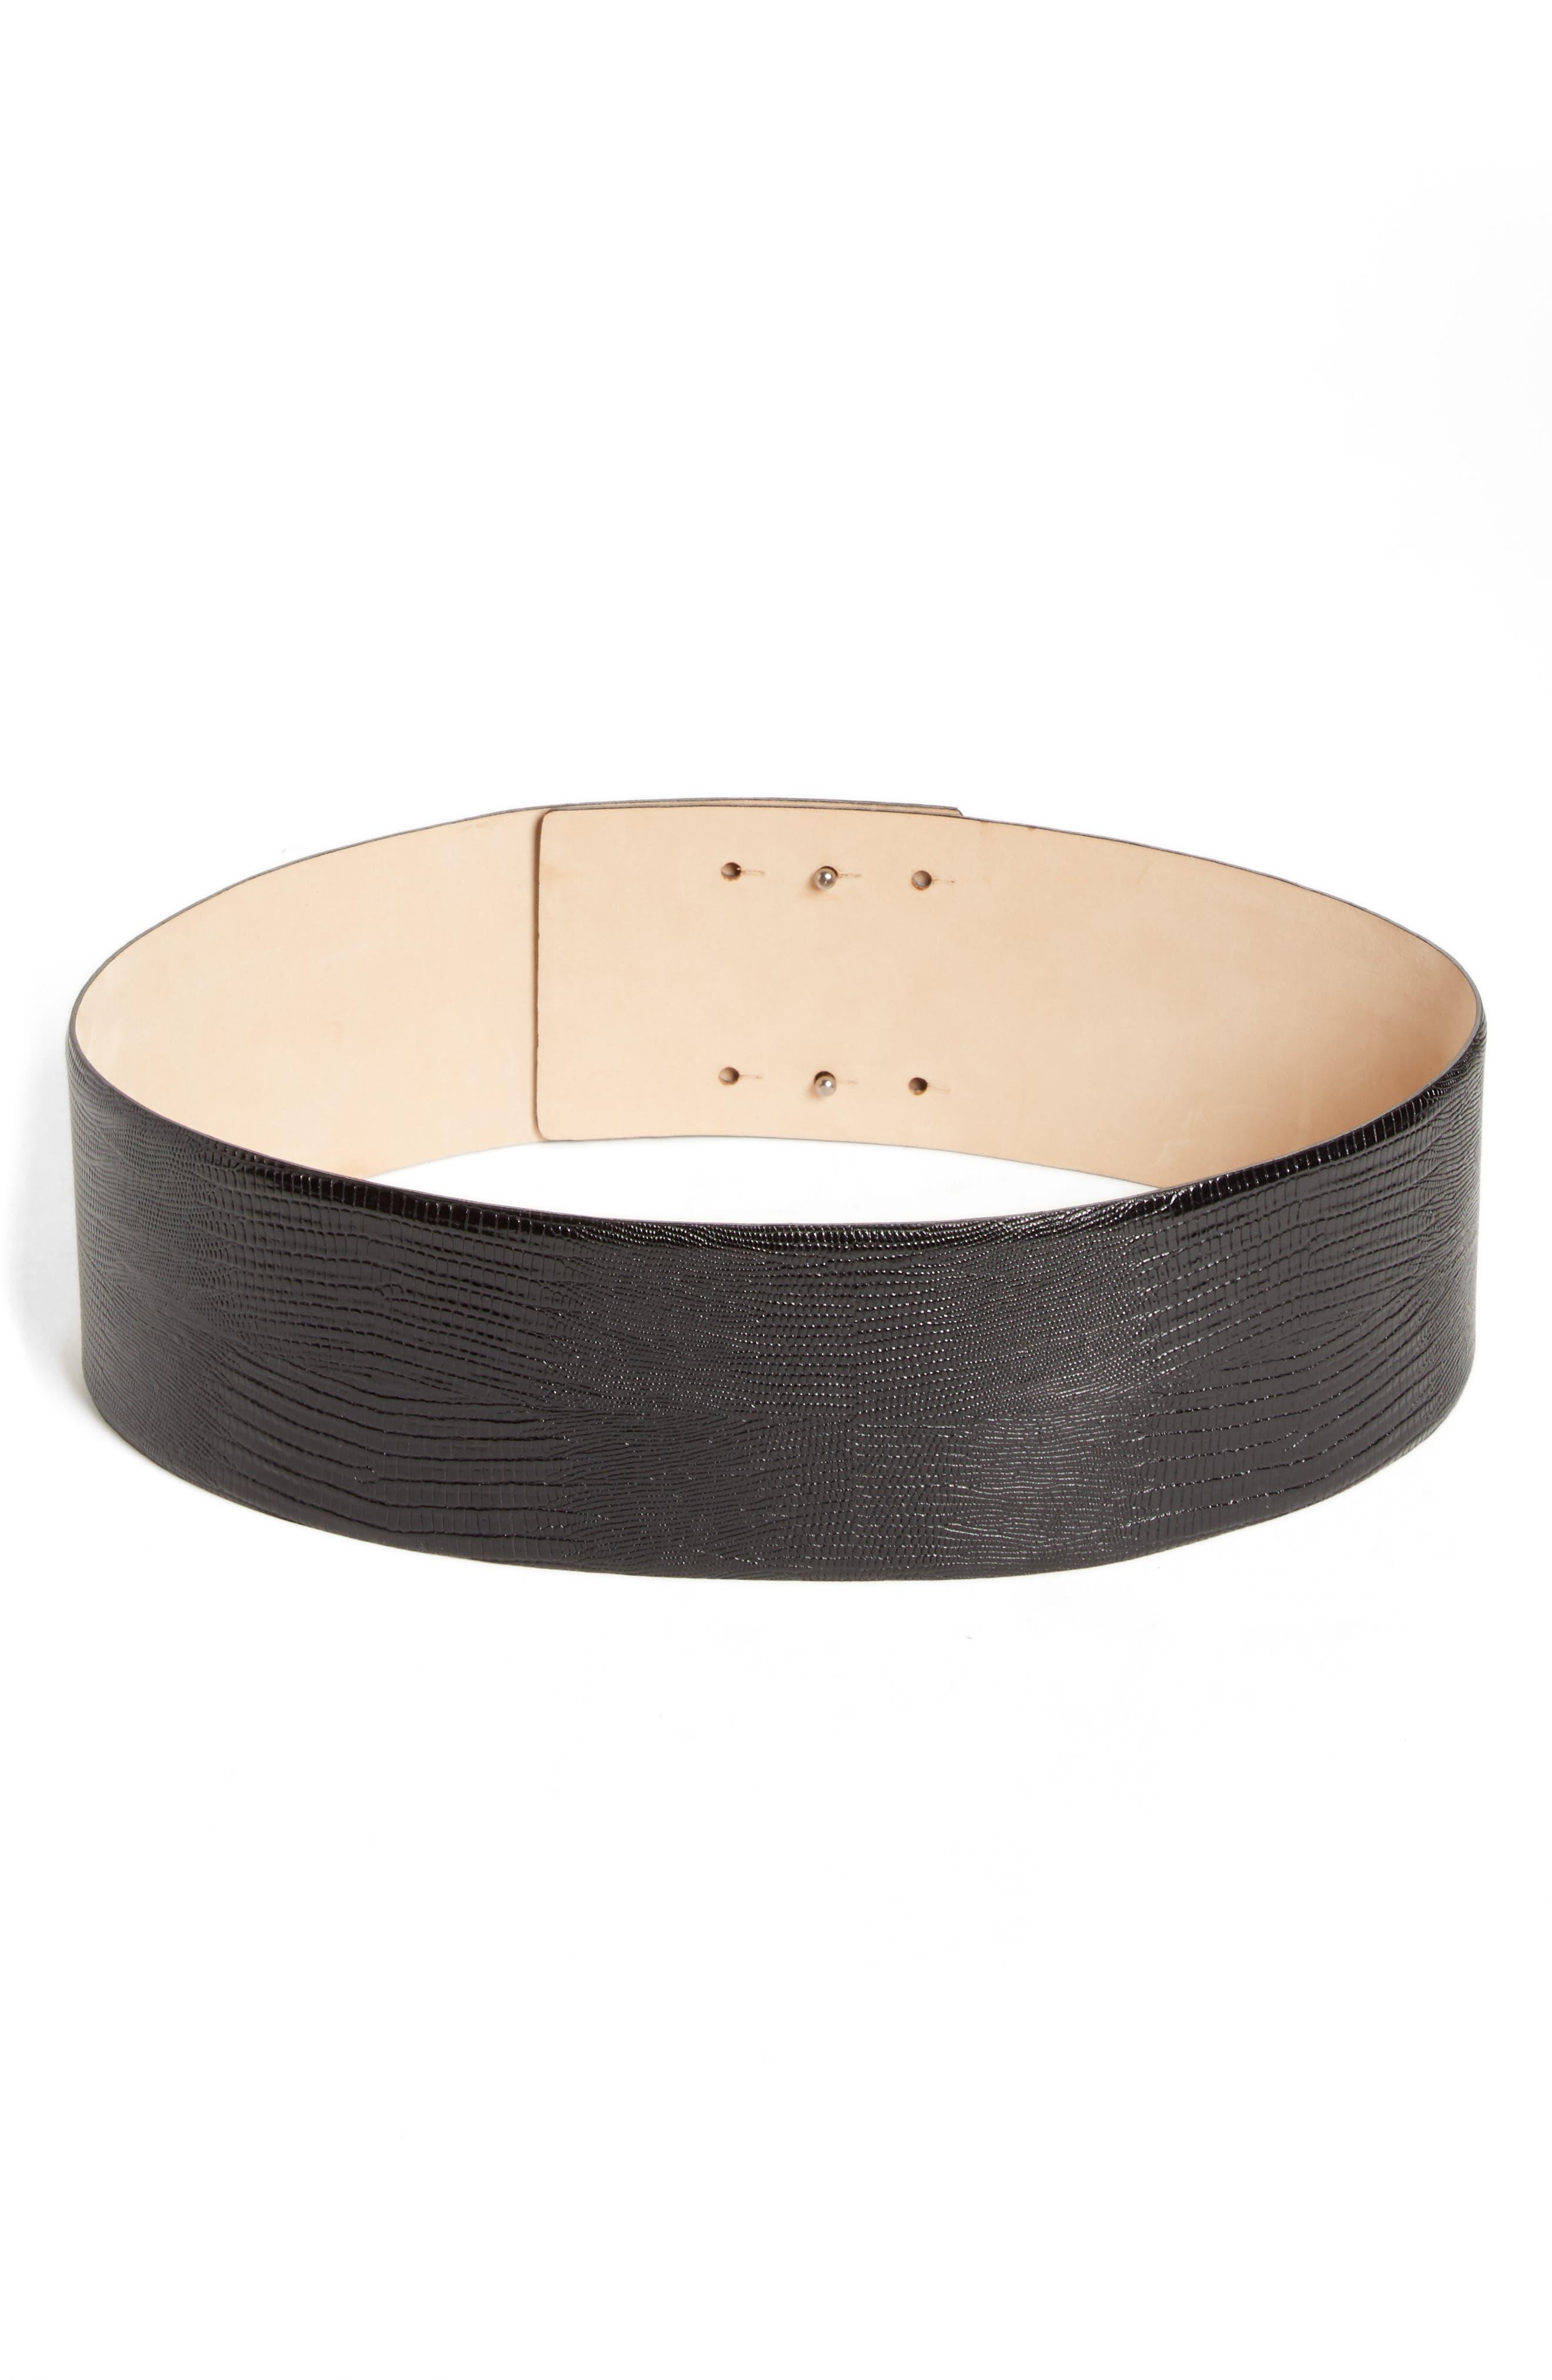 Main Image - Max Mara Reptile Embossed Leather Belt